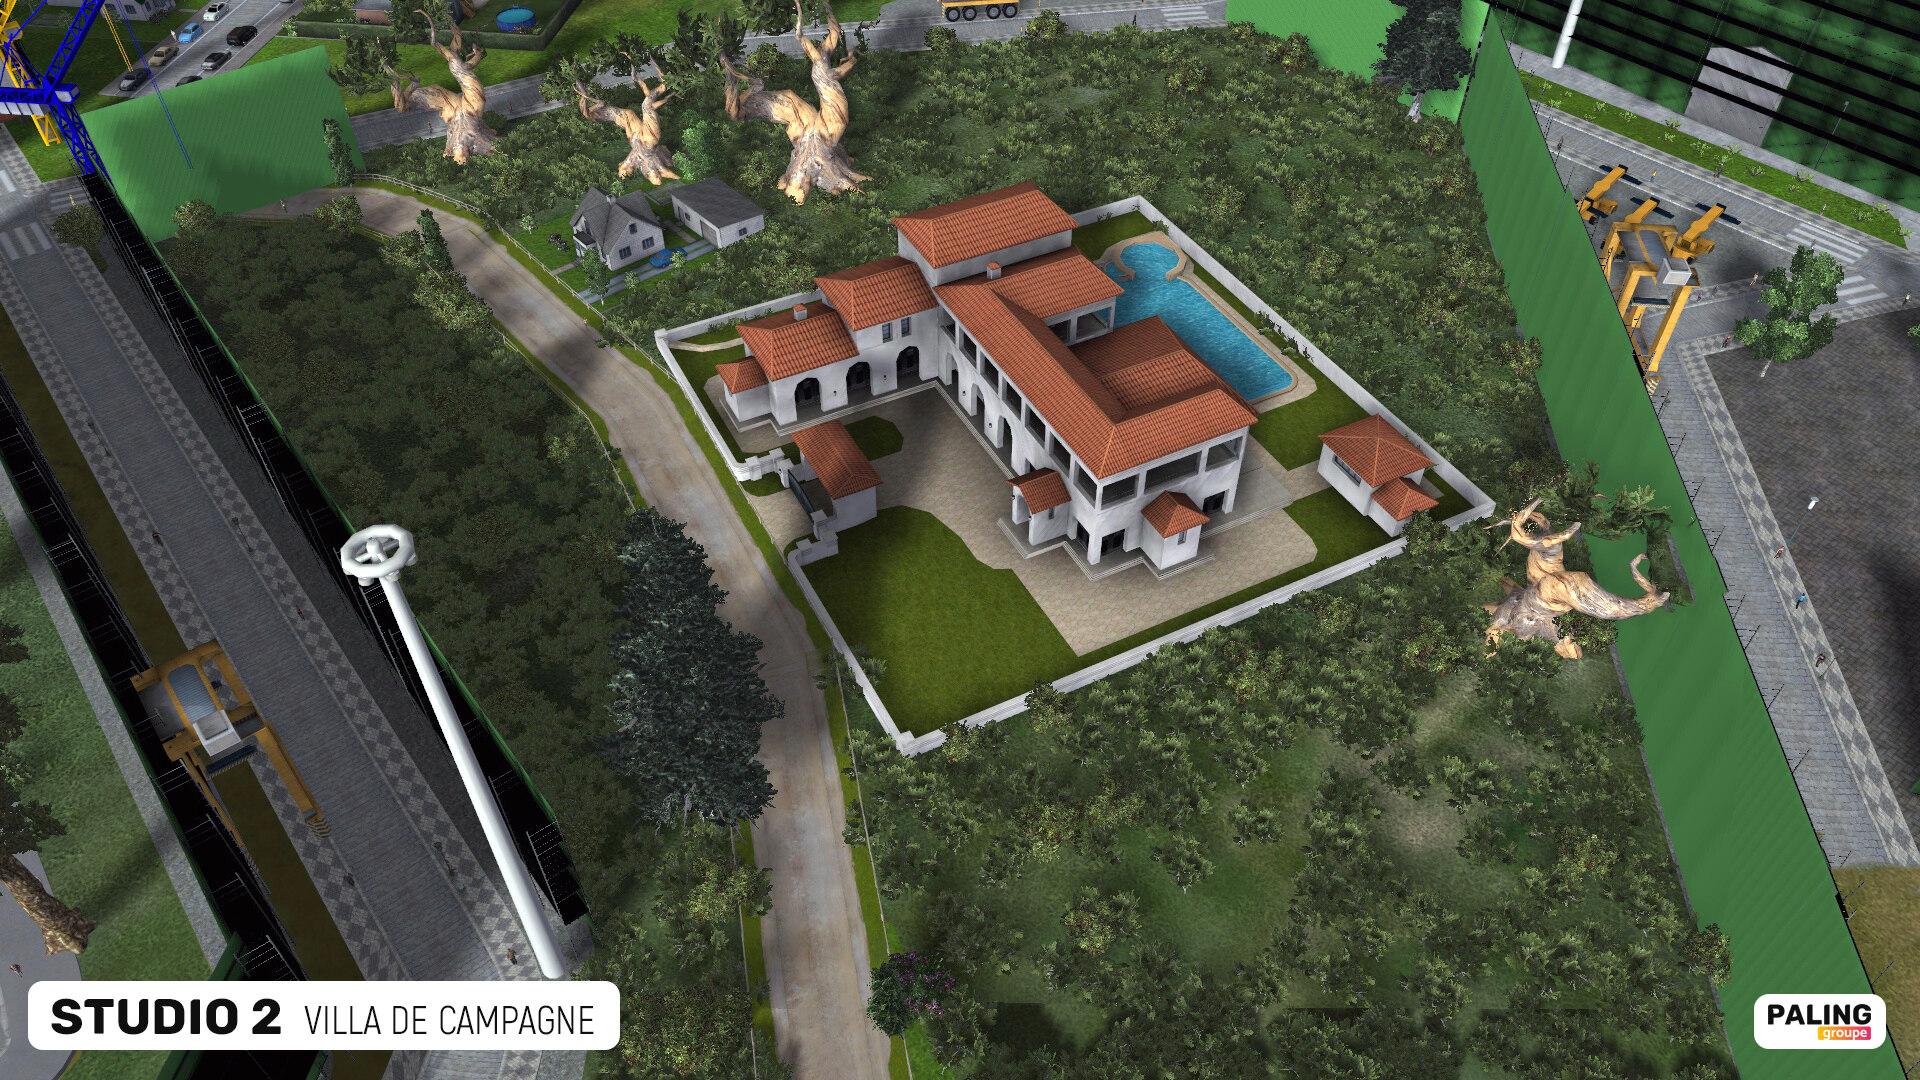 Verbania, Polaro - Page 26 Campus35